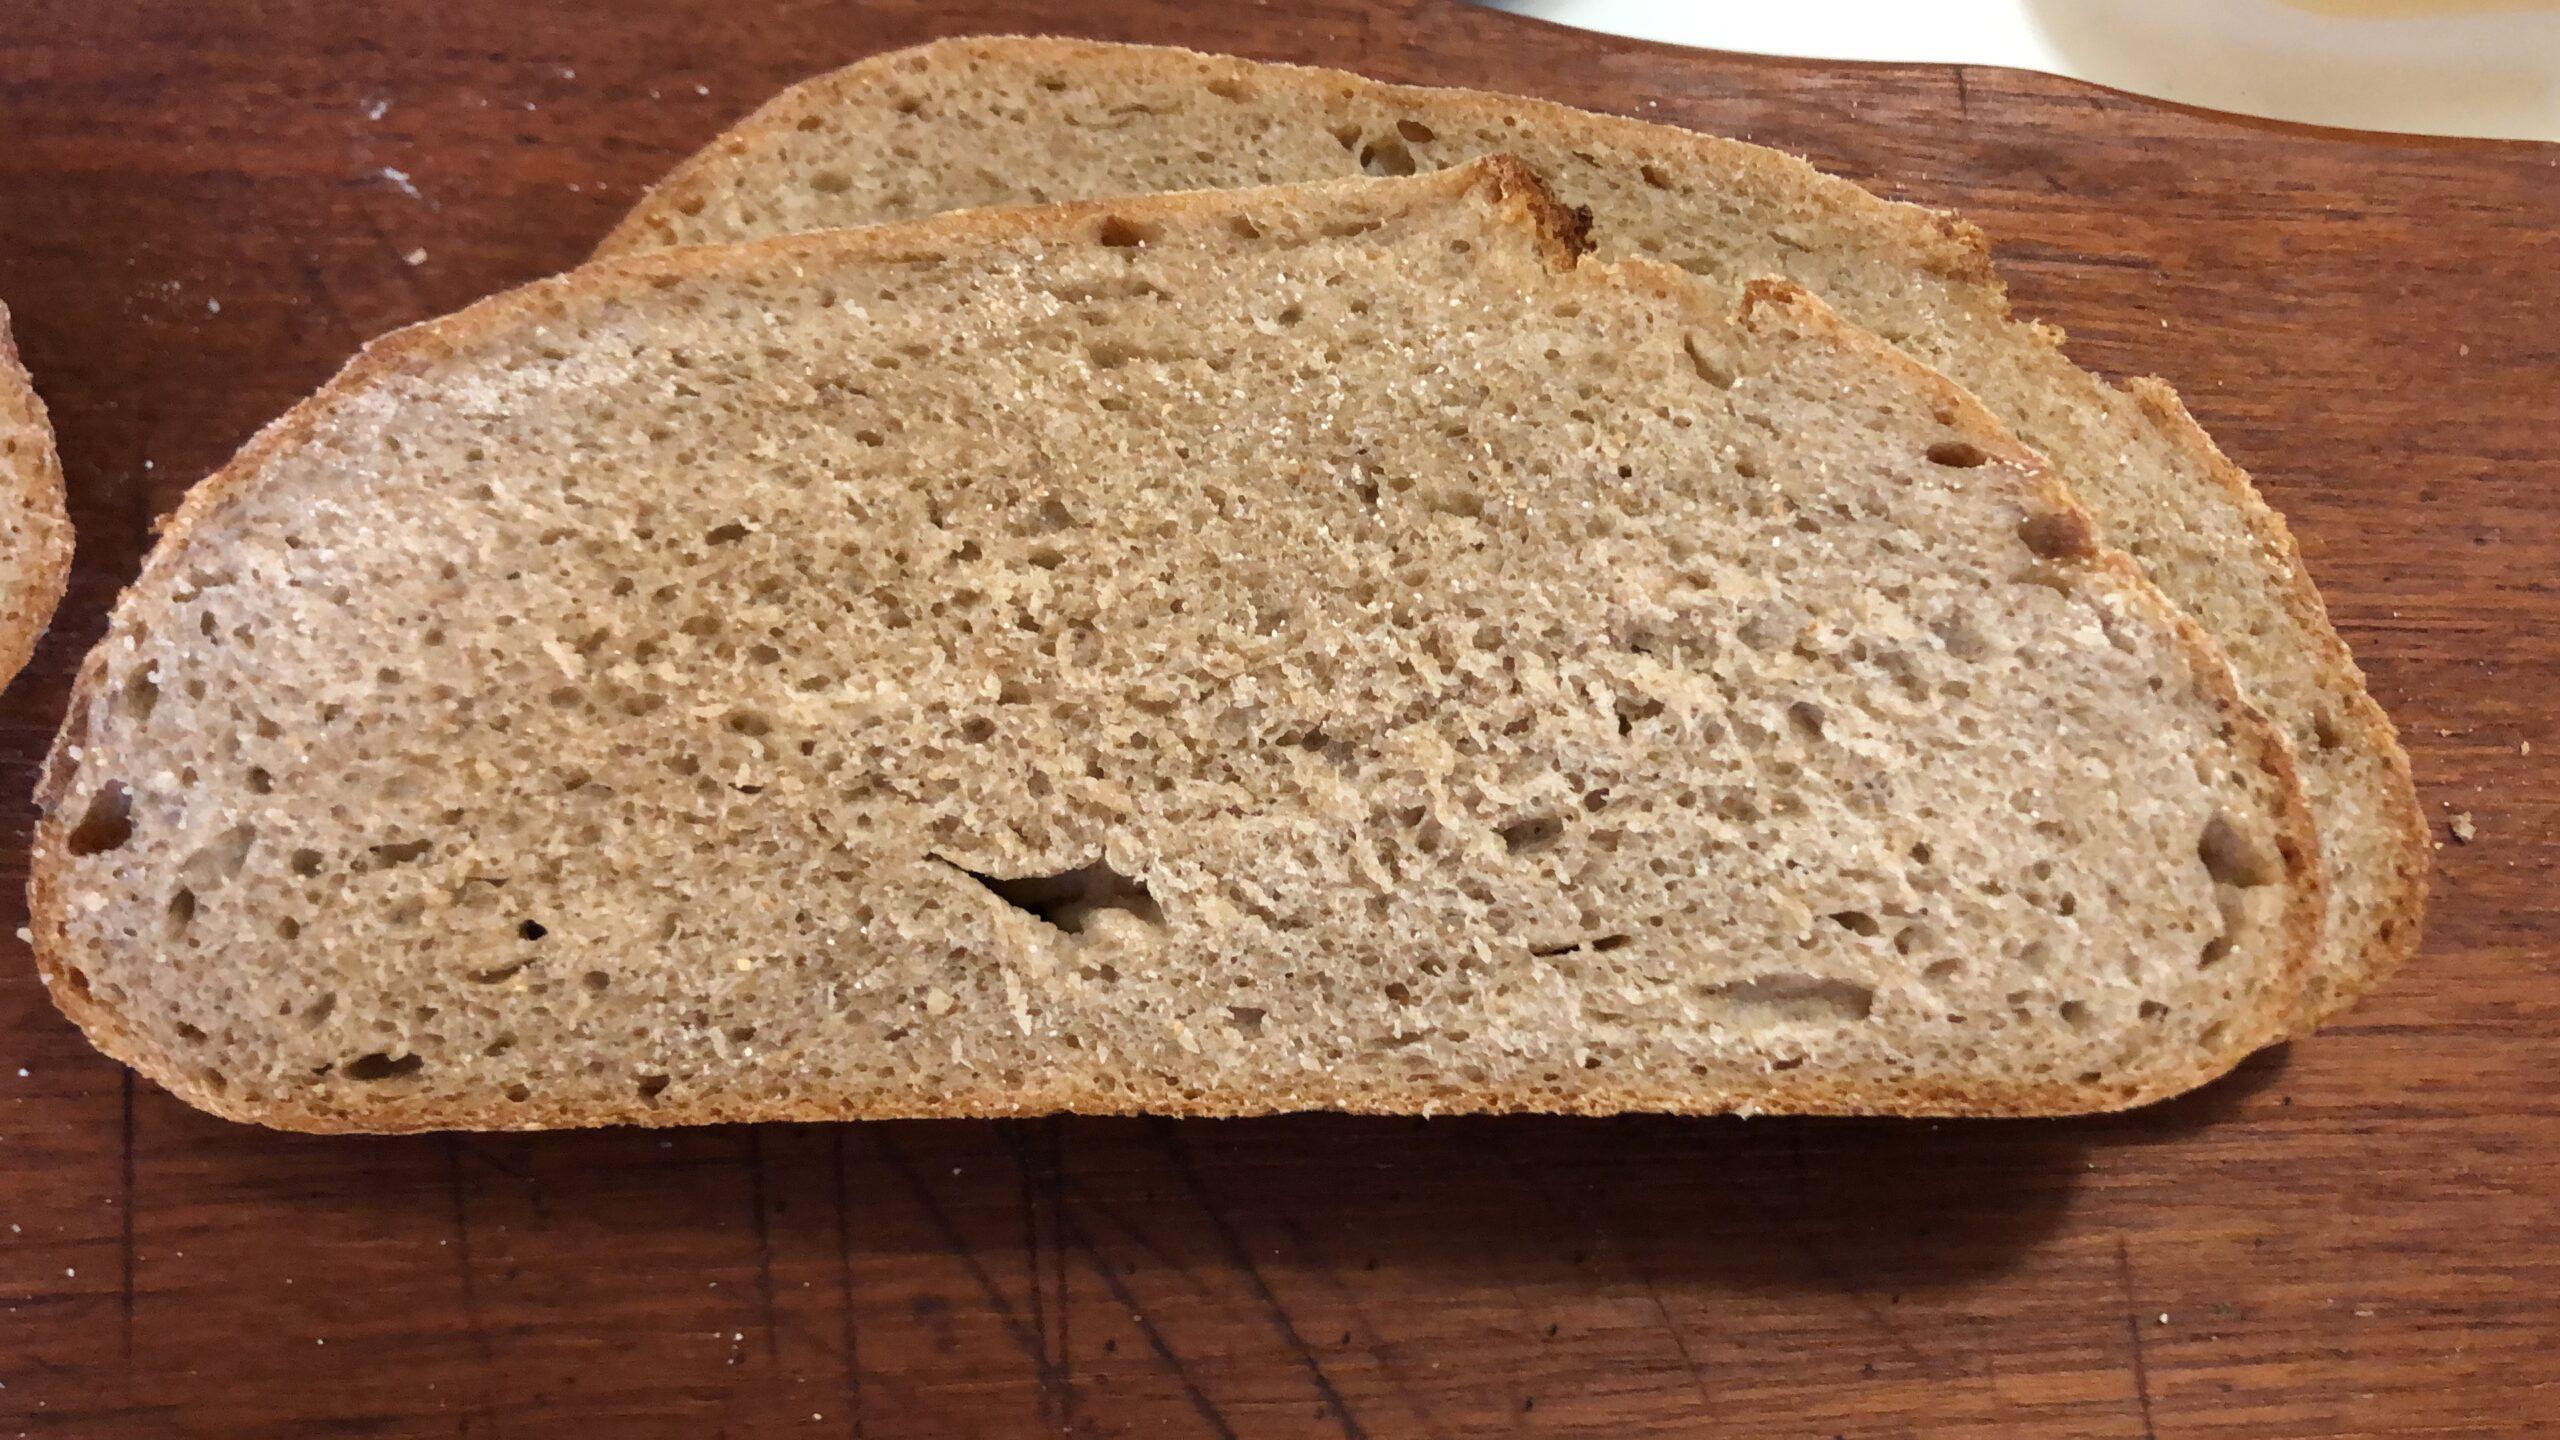 Eine Scheibe Brot auf der die weiche, luftige Krume zu sehen ist